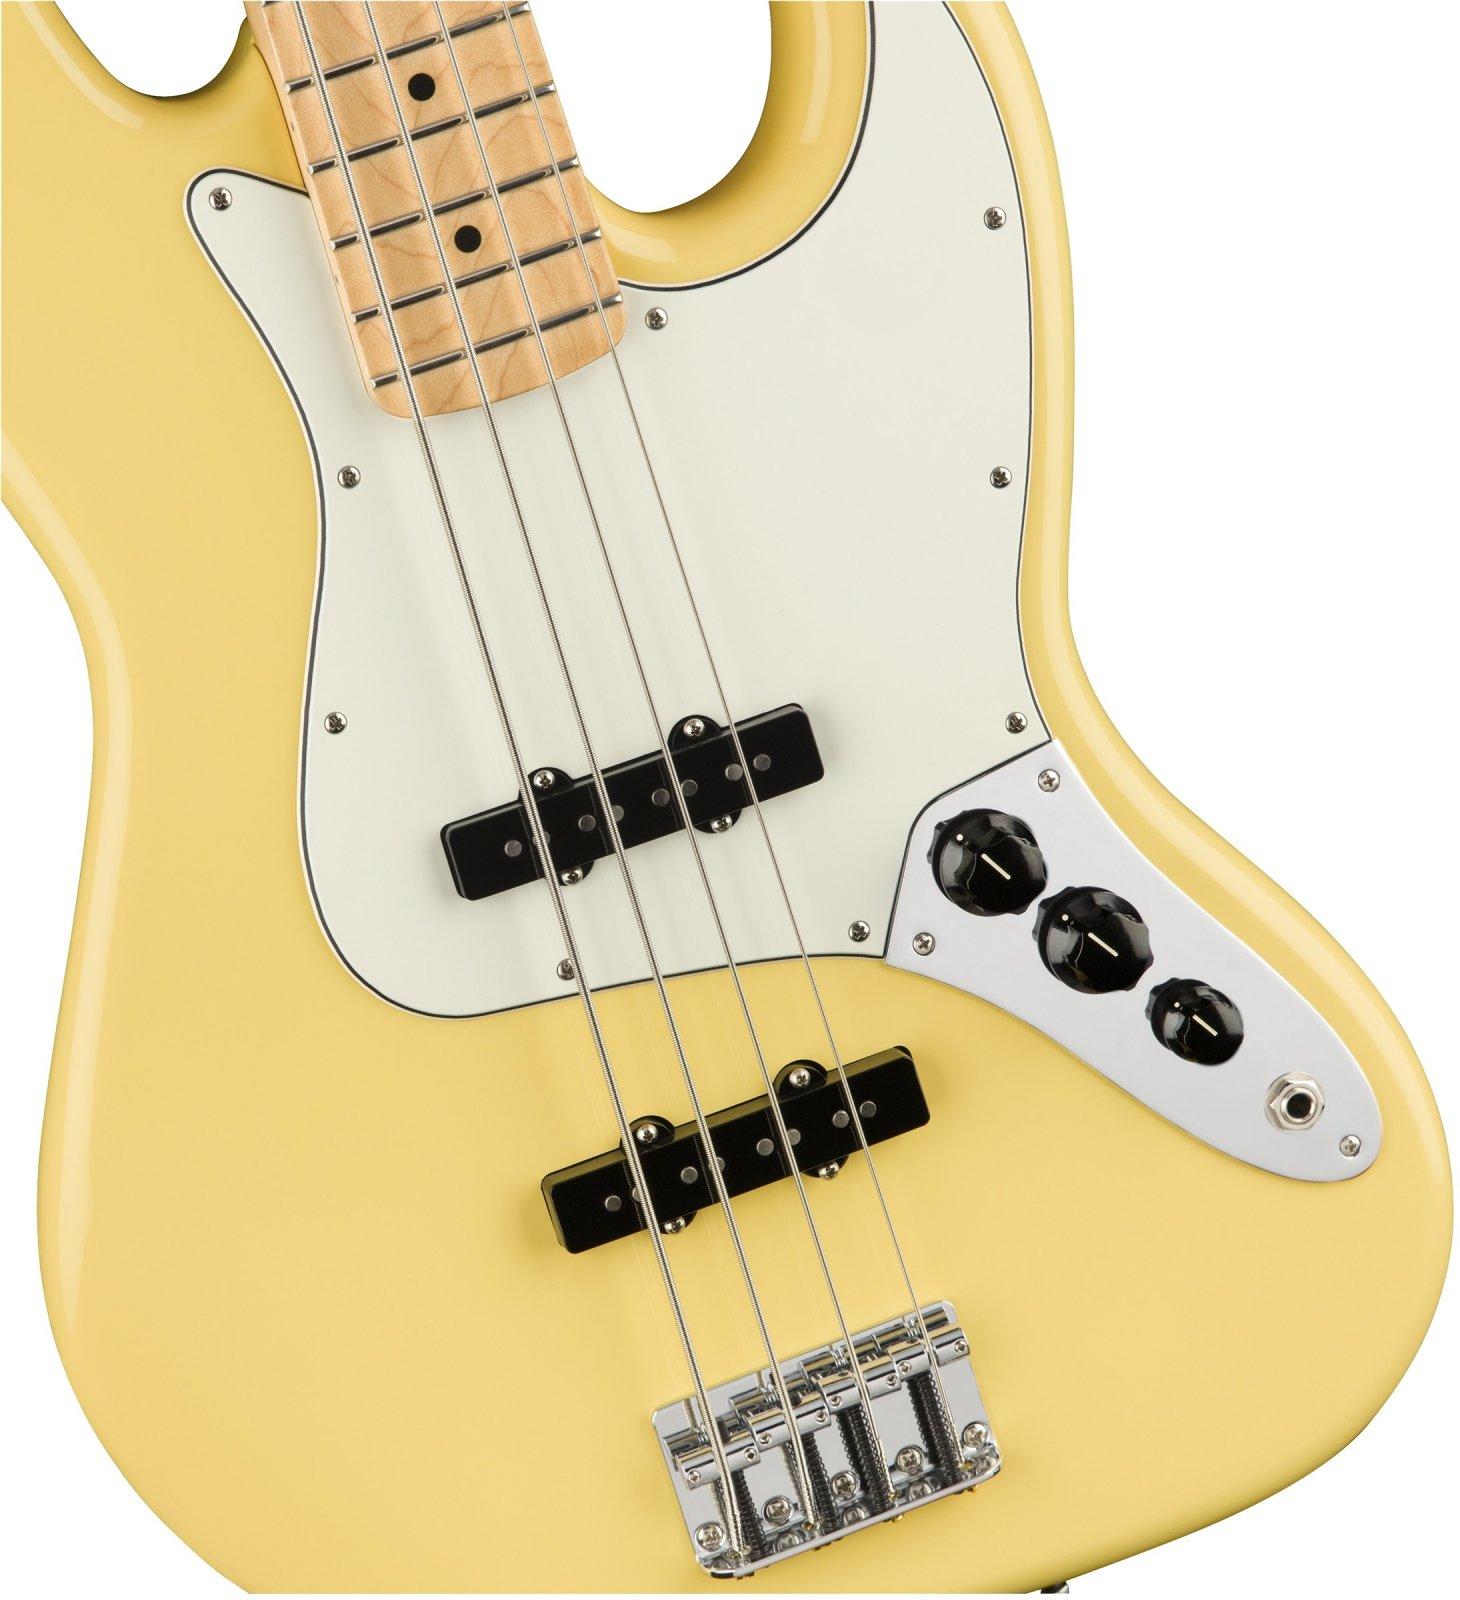 Fender Player Series Jazz Bass - Buttercream